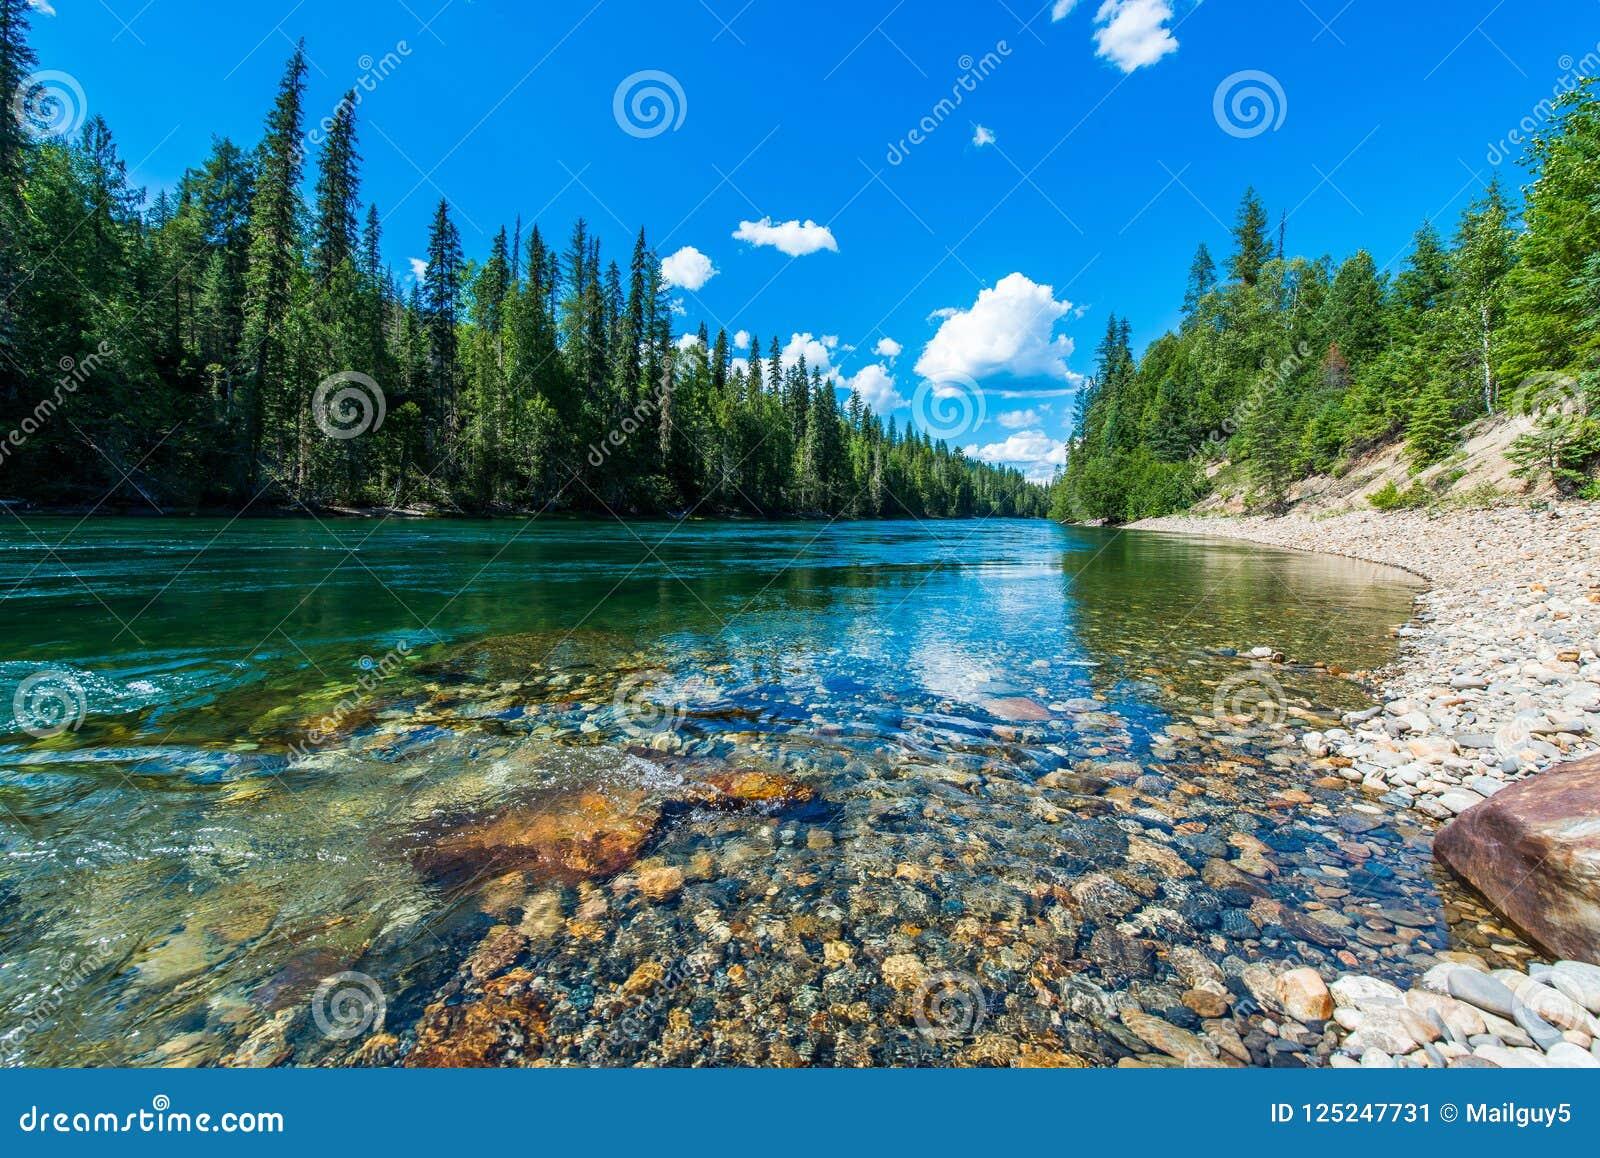 冰川国家公园风景-加拿大